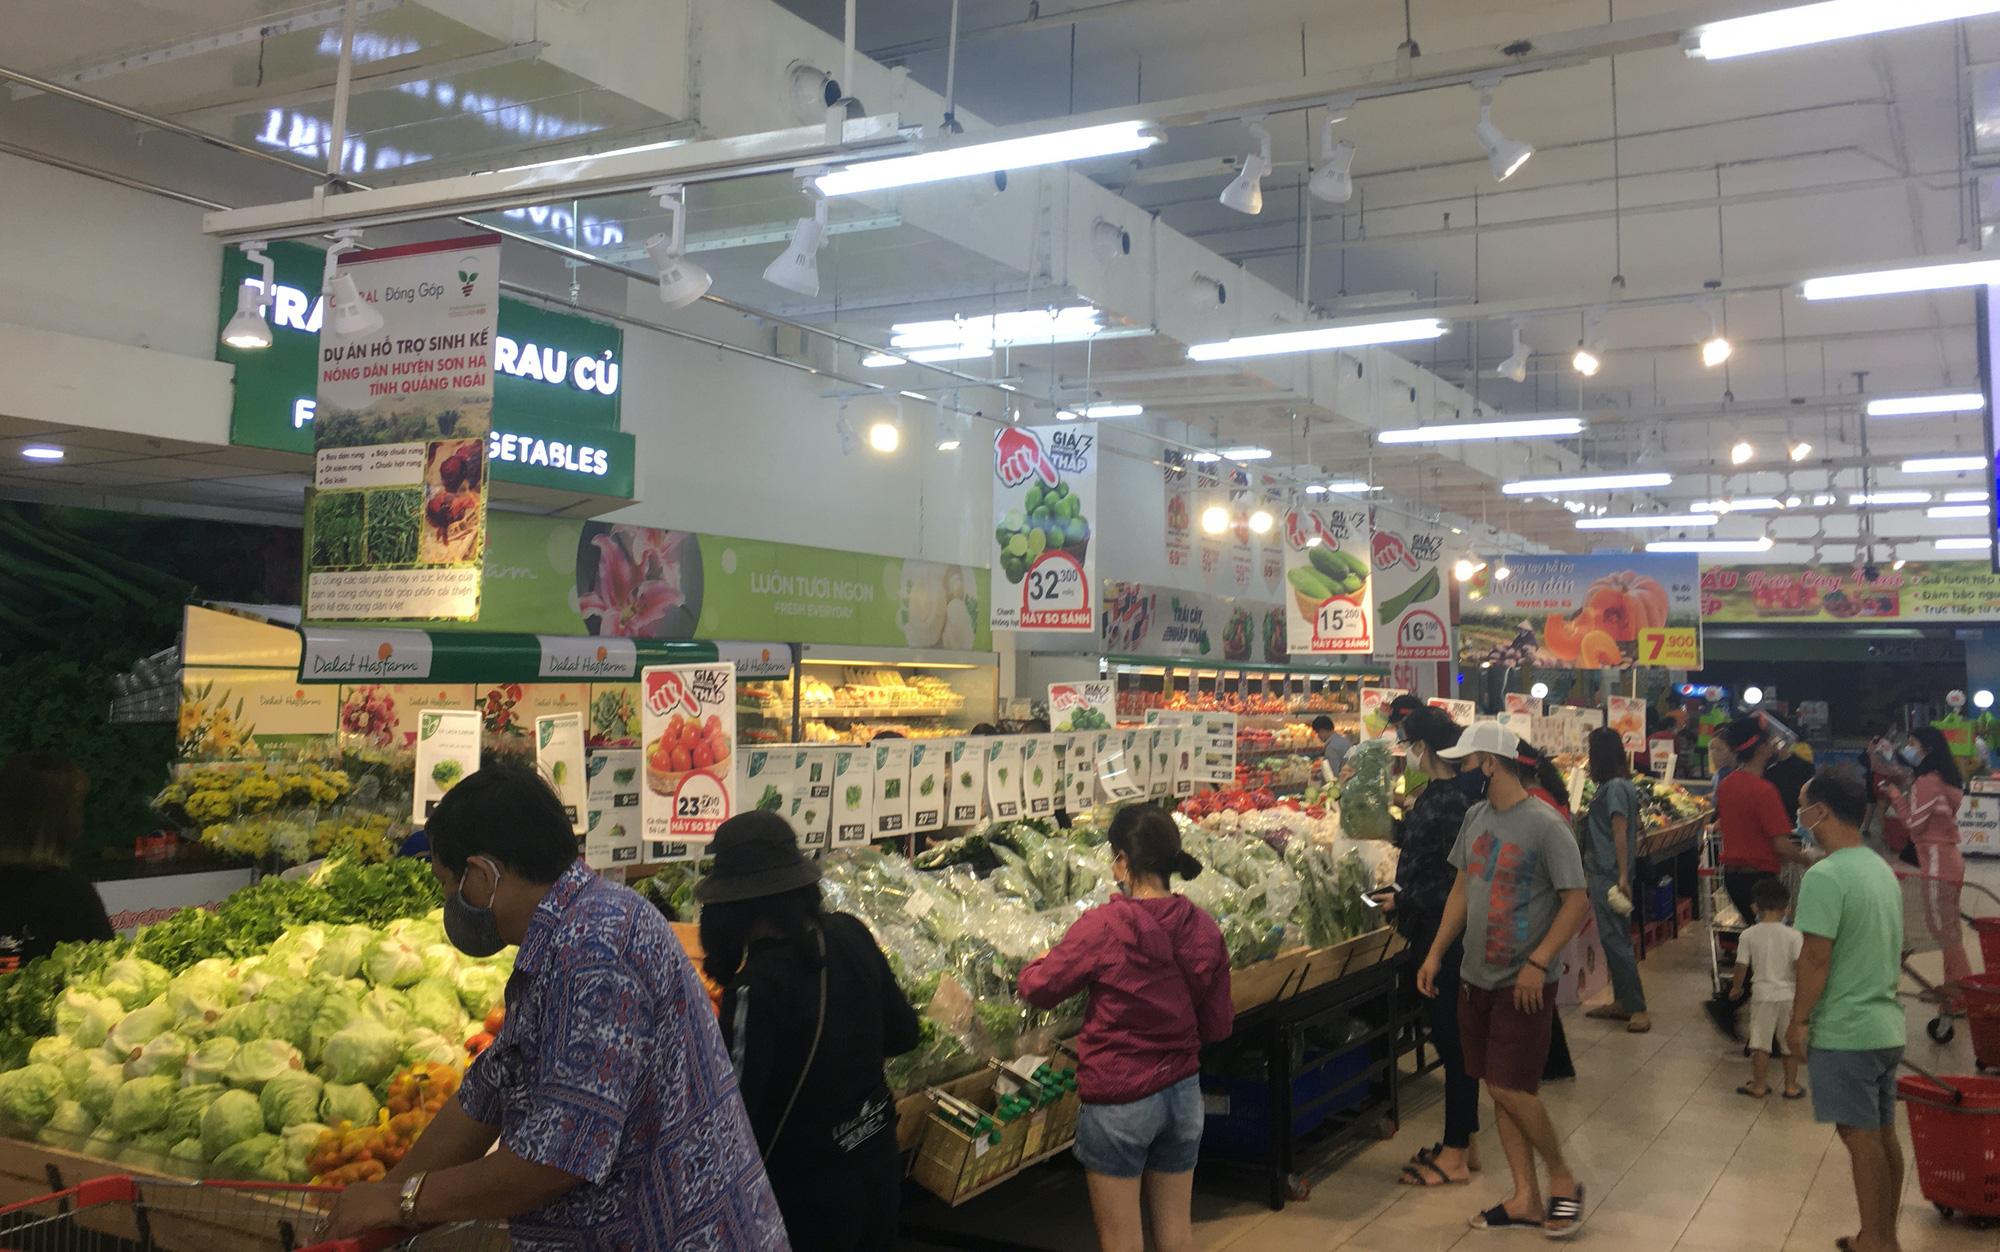 Hàng quán Đà Nẵng vội vã mở cửa trở lại khi thành phố cho bán online - Ảnh 8.